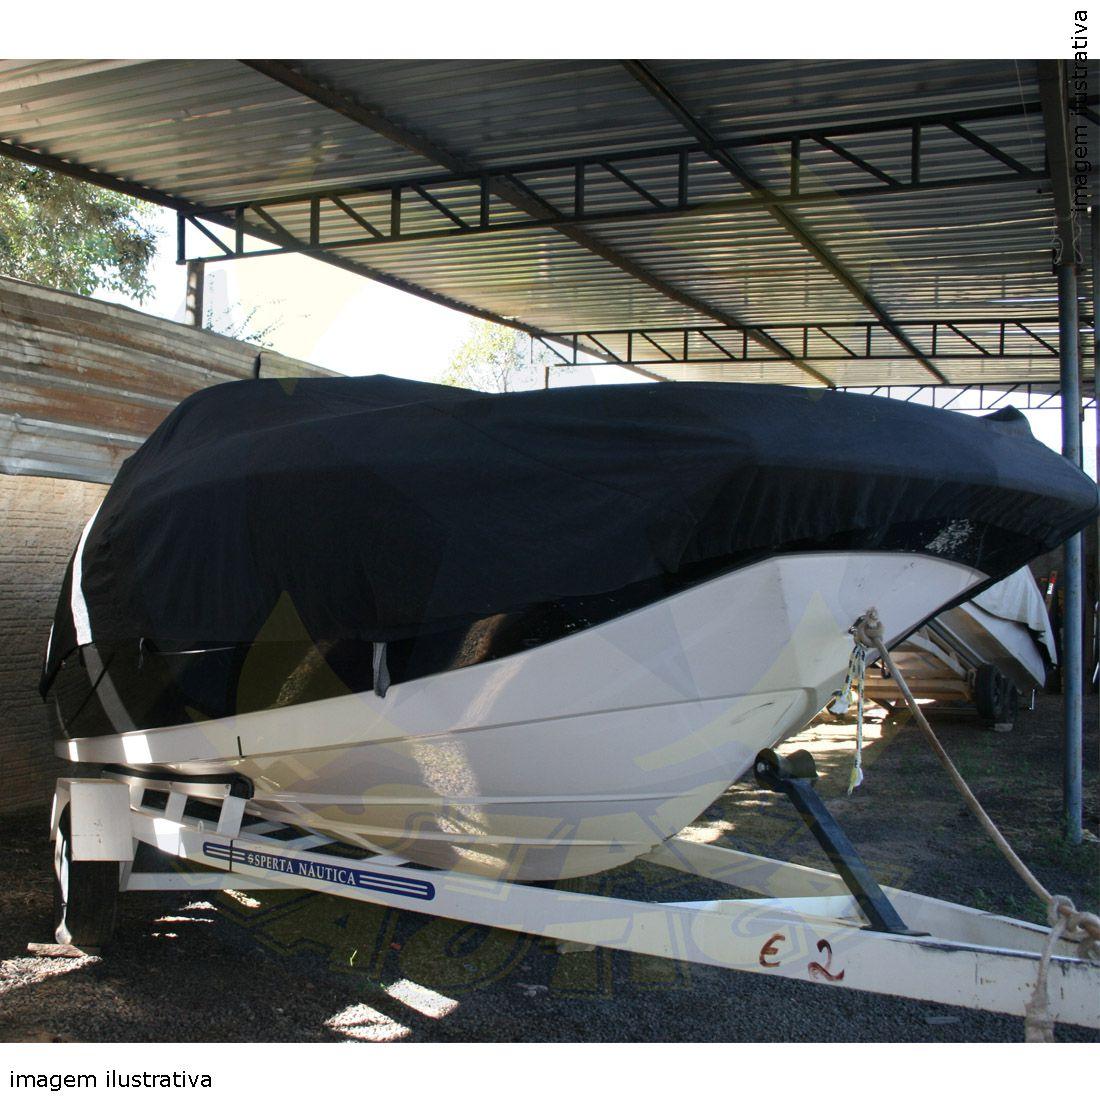 Capa Lona de Cobertura Lancha Focker 240 Lona Guarda Chuva